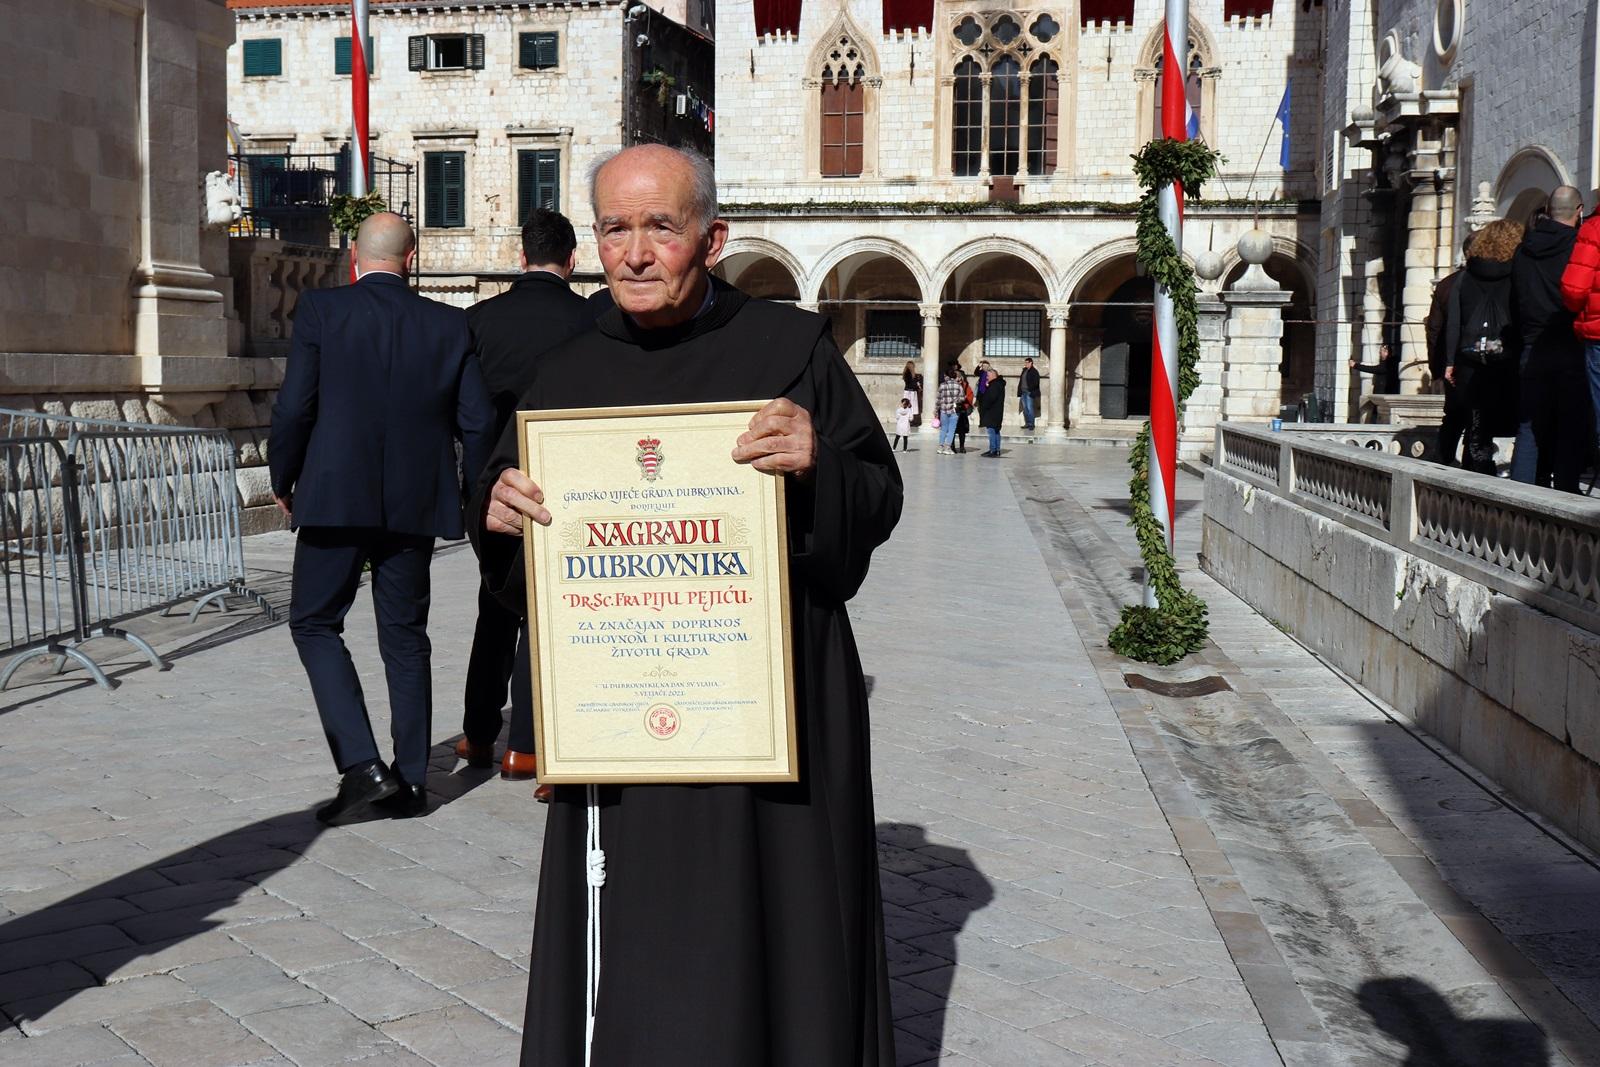 Redovniku franjevcu i sestrama franjevkama dodijeljene nagrade grada dubrovnika 2